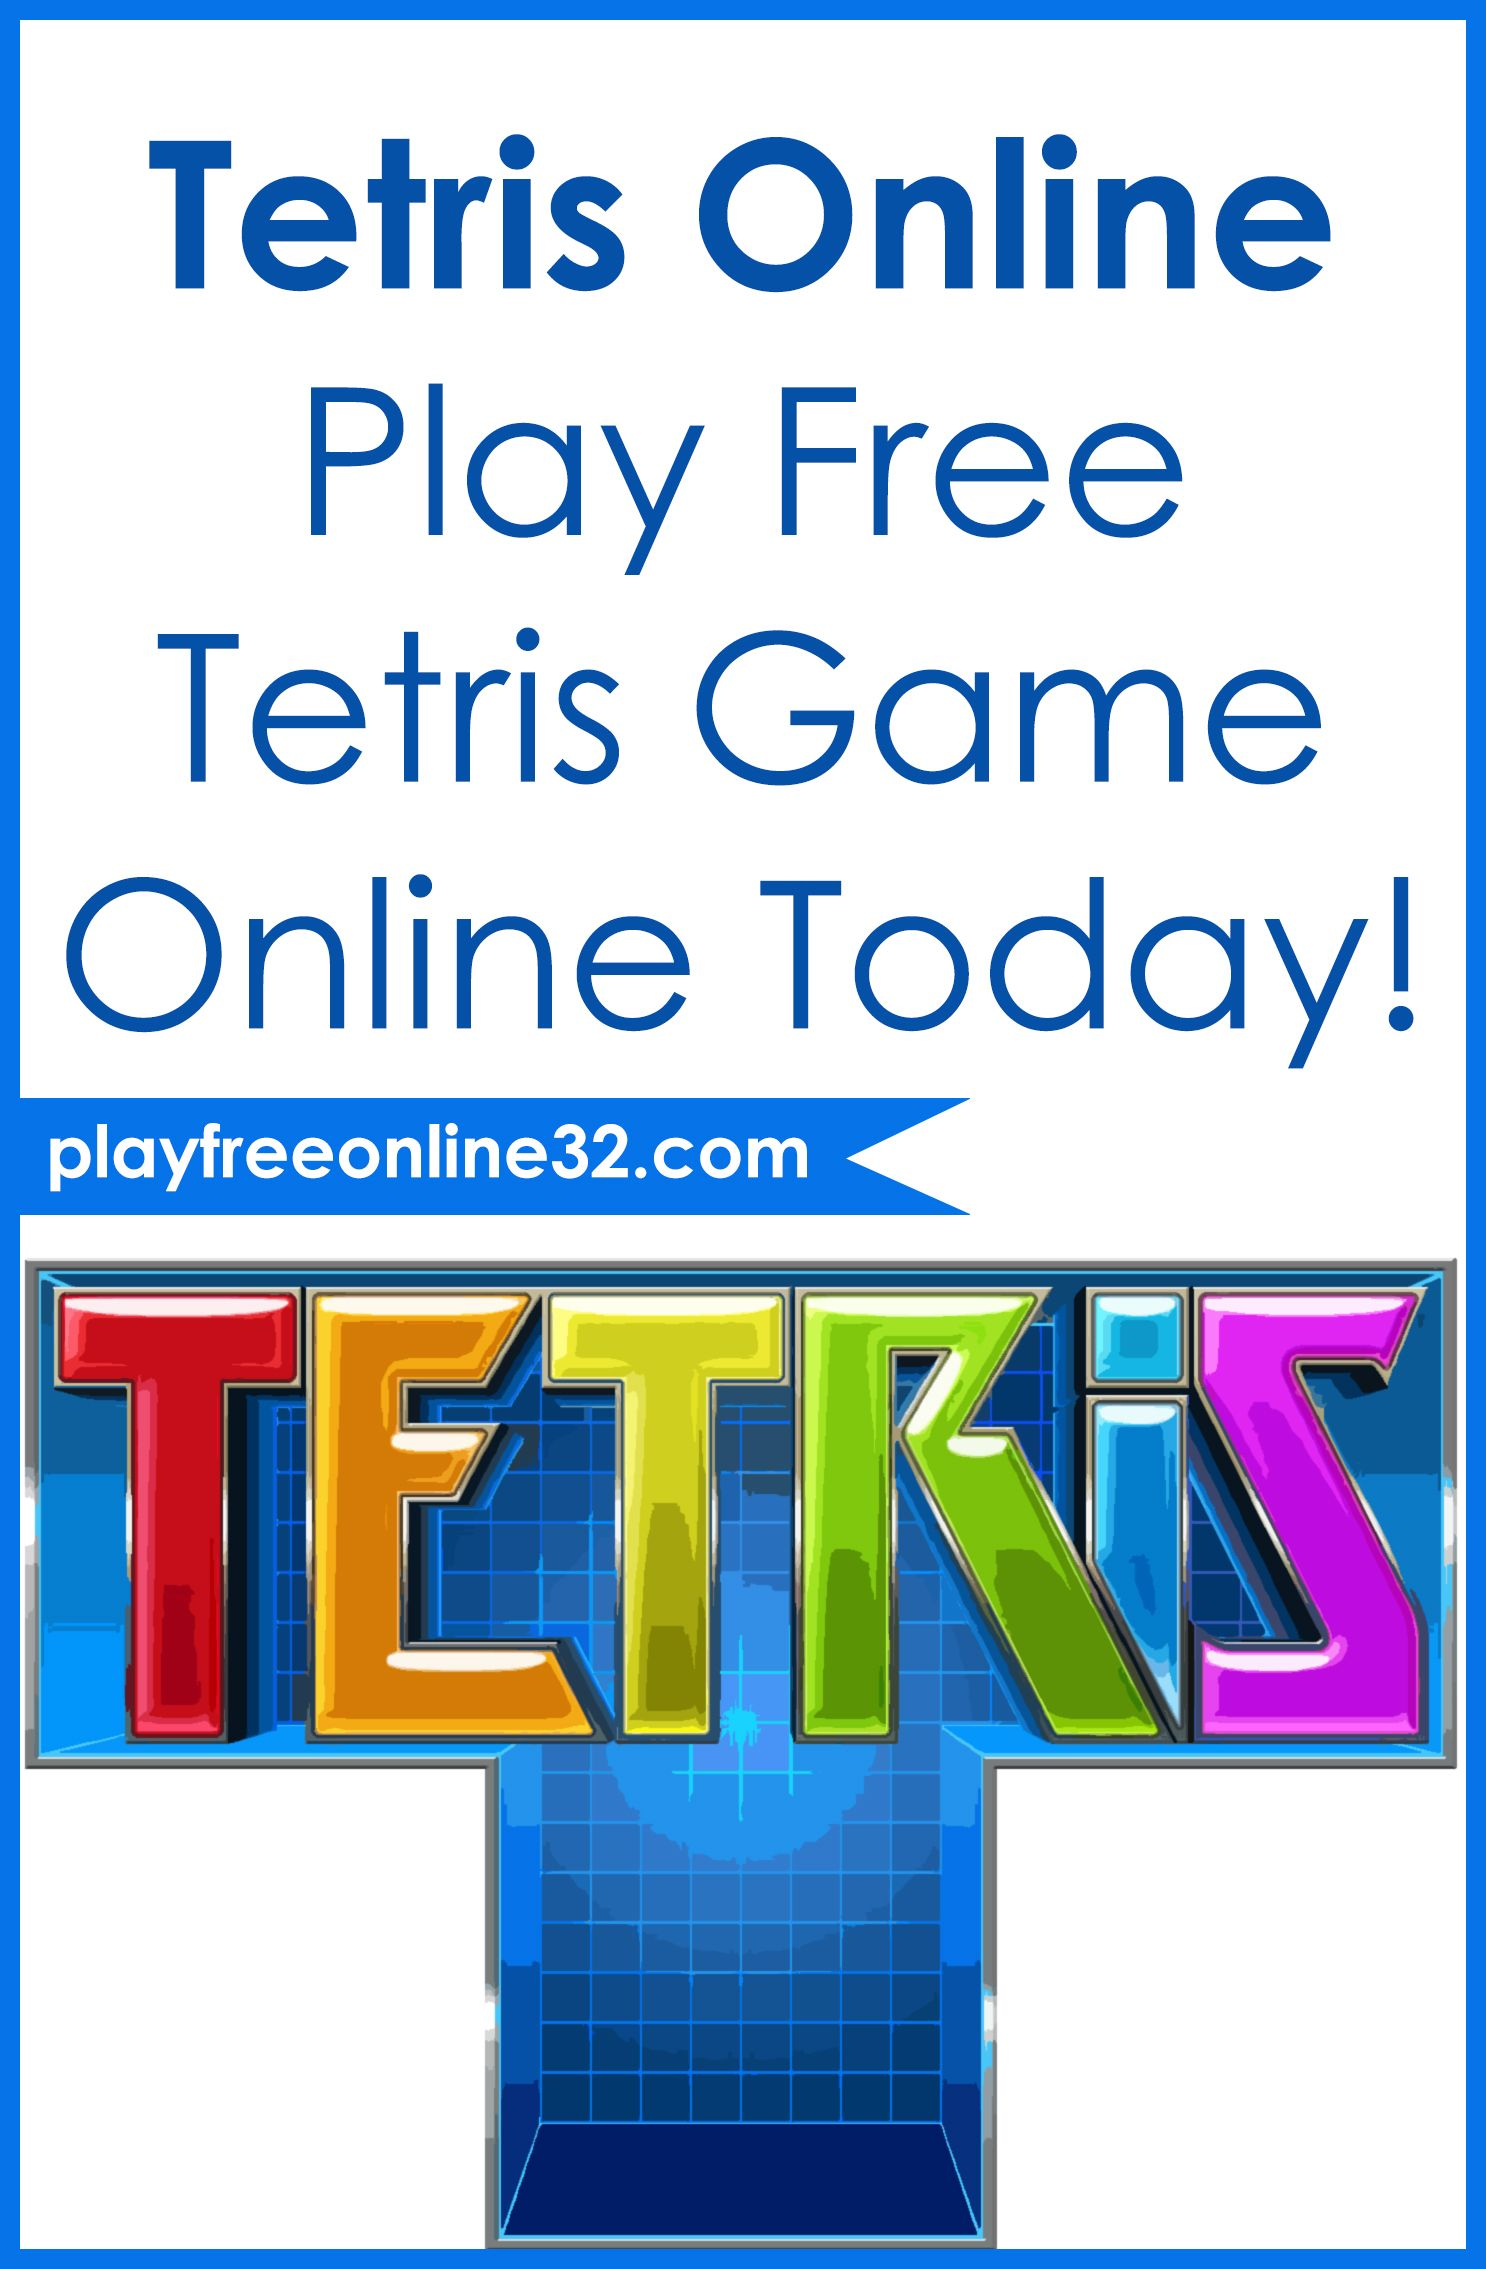 русский тетрис играть онлайн бесплатно